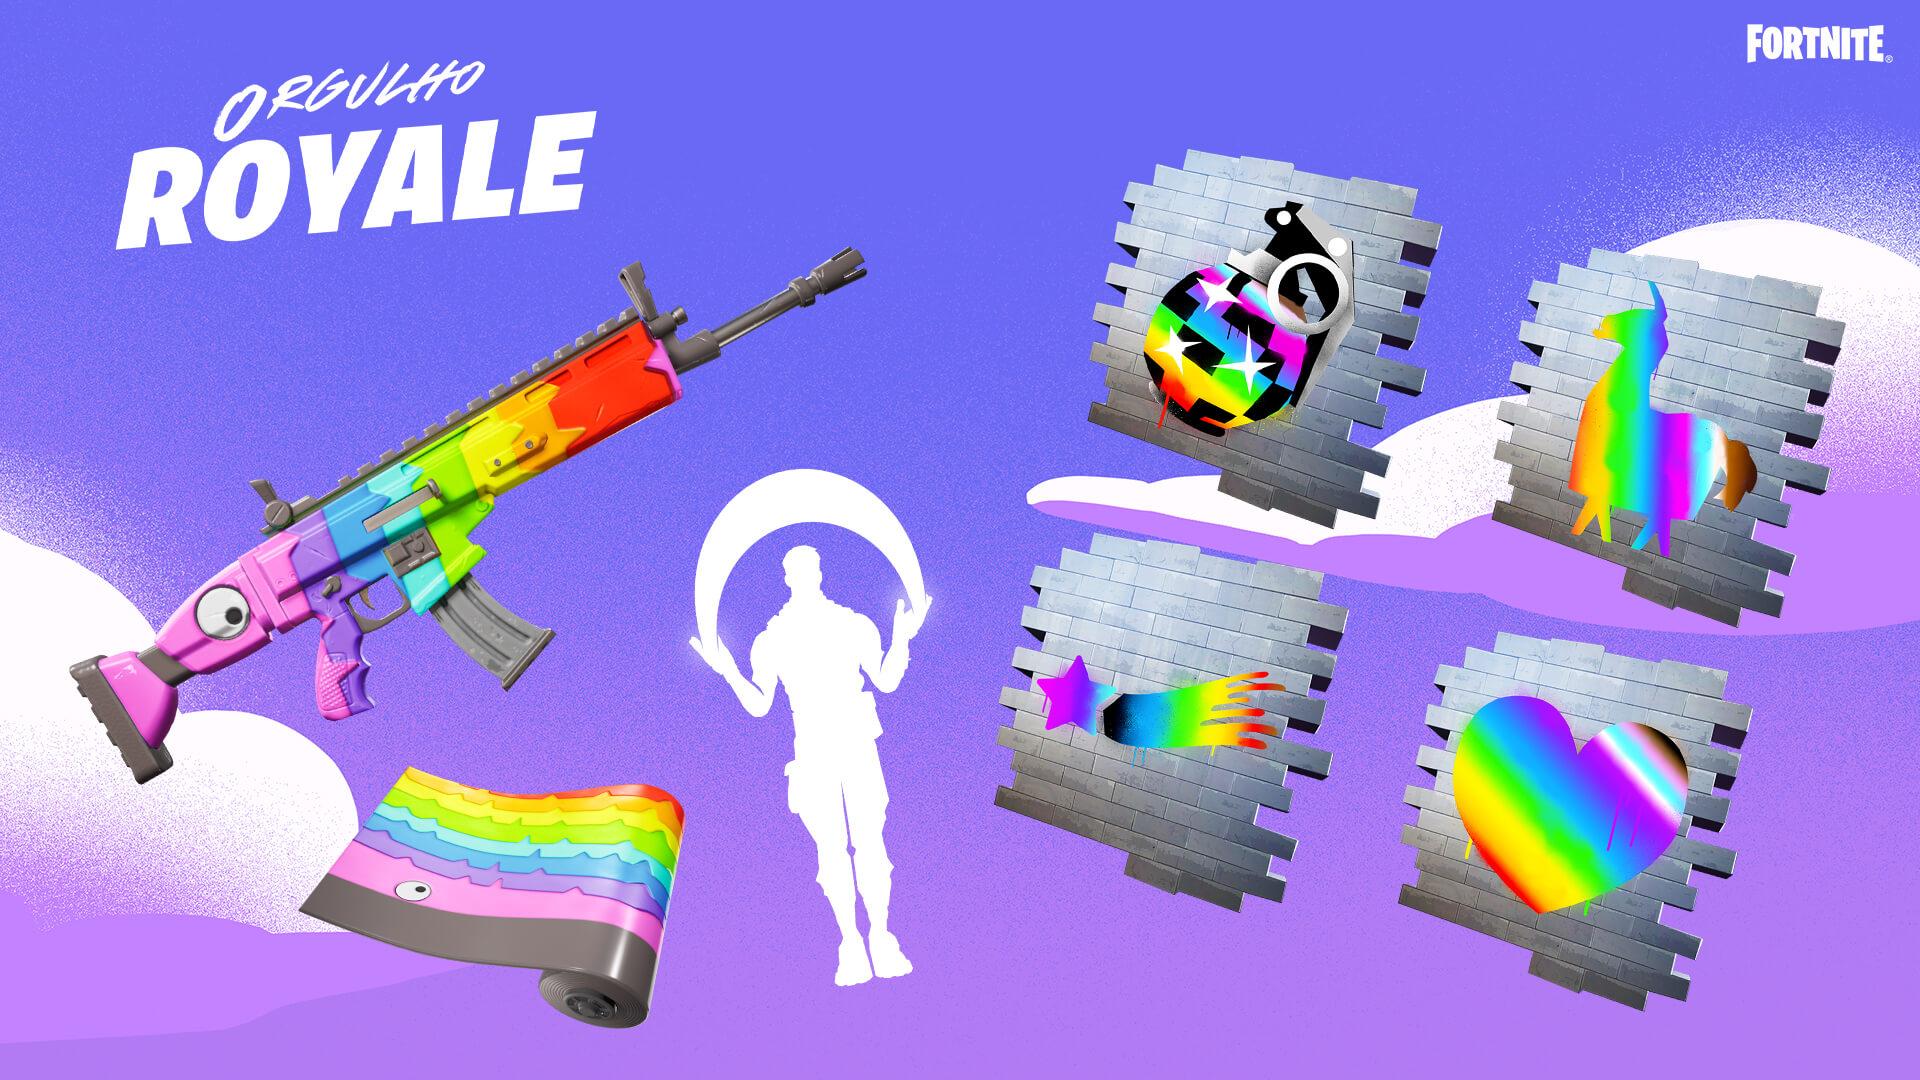 PT BR 17BR RainbowRoyale Rewards Social